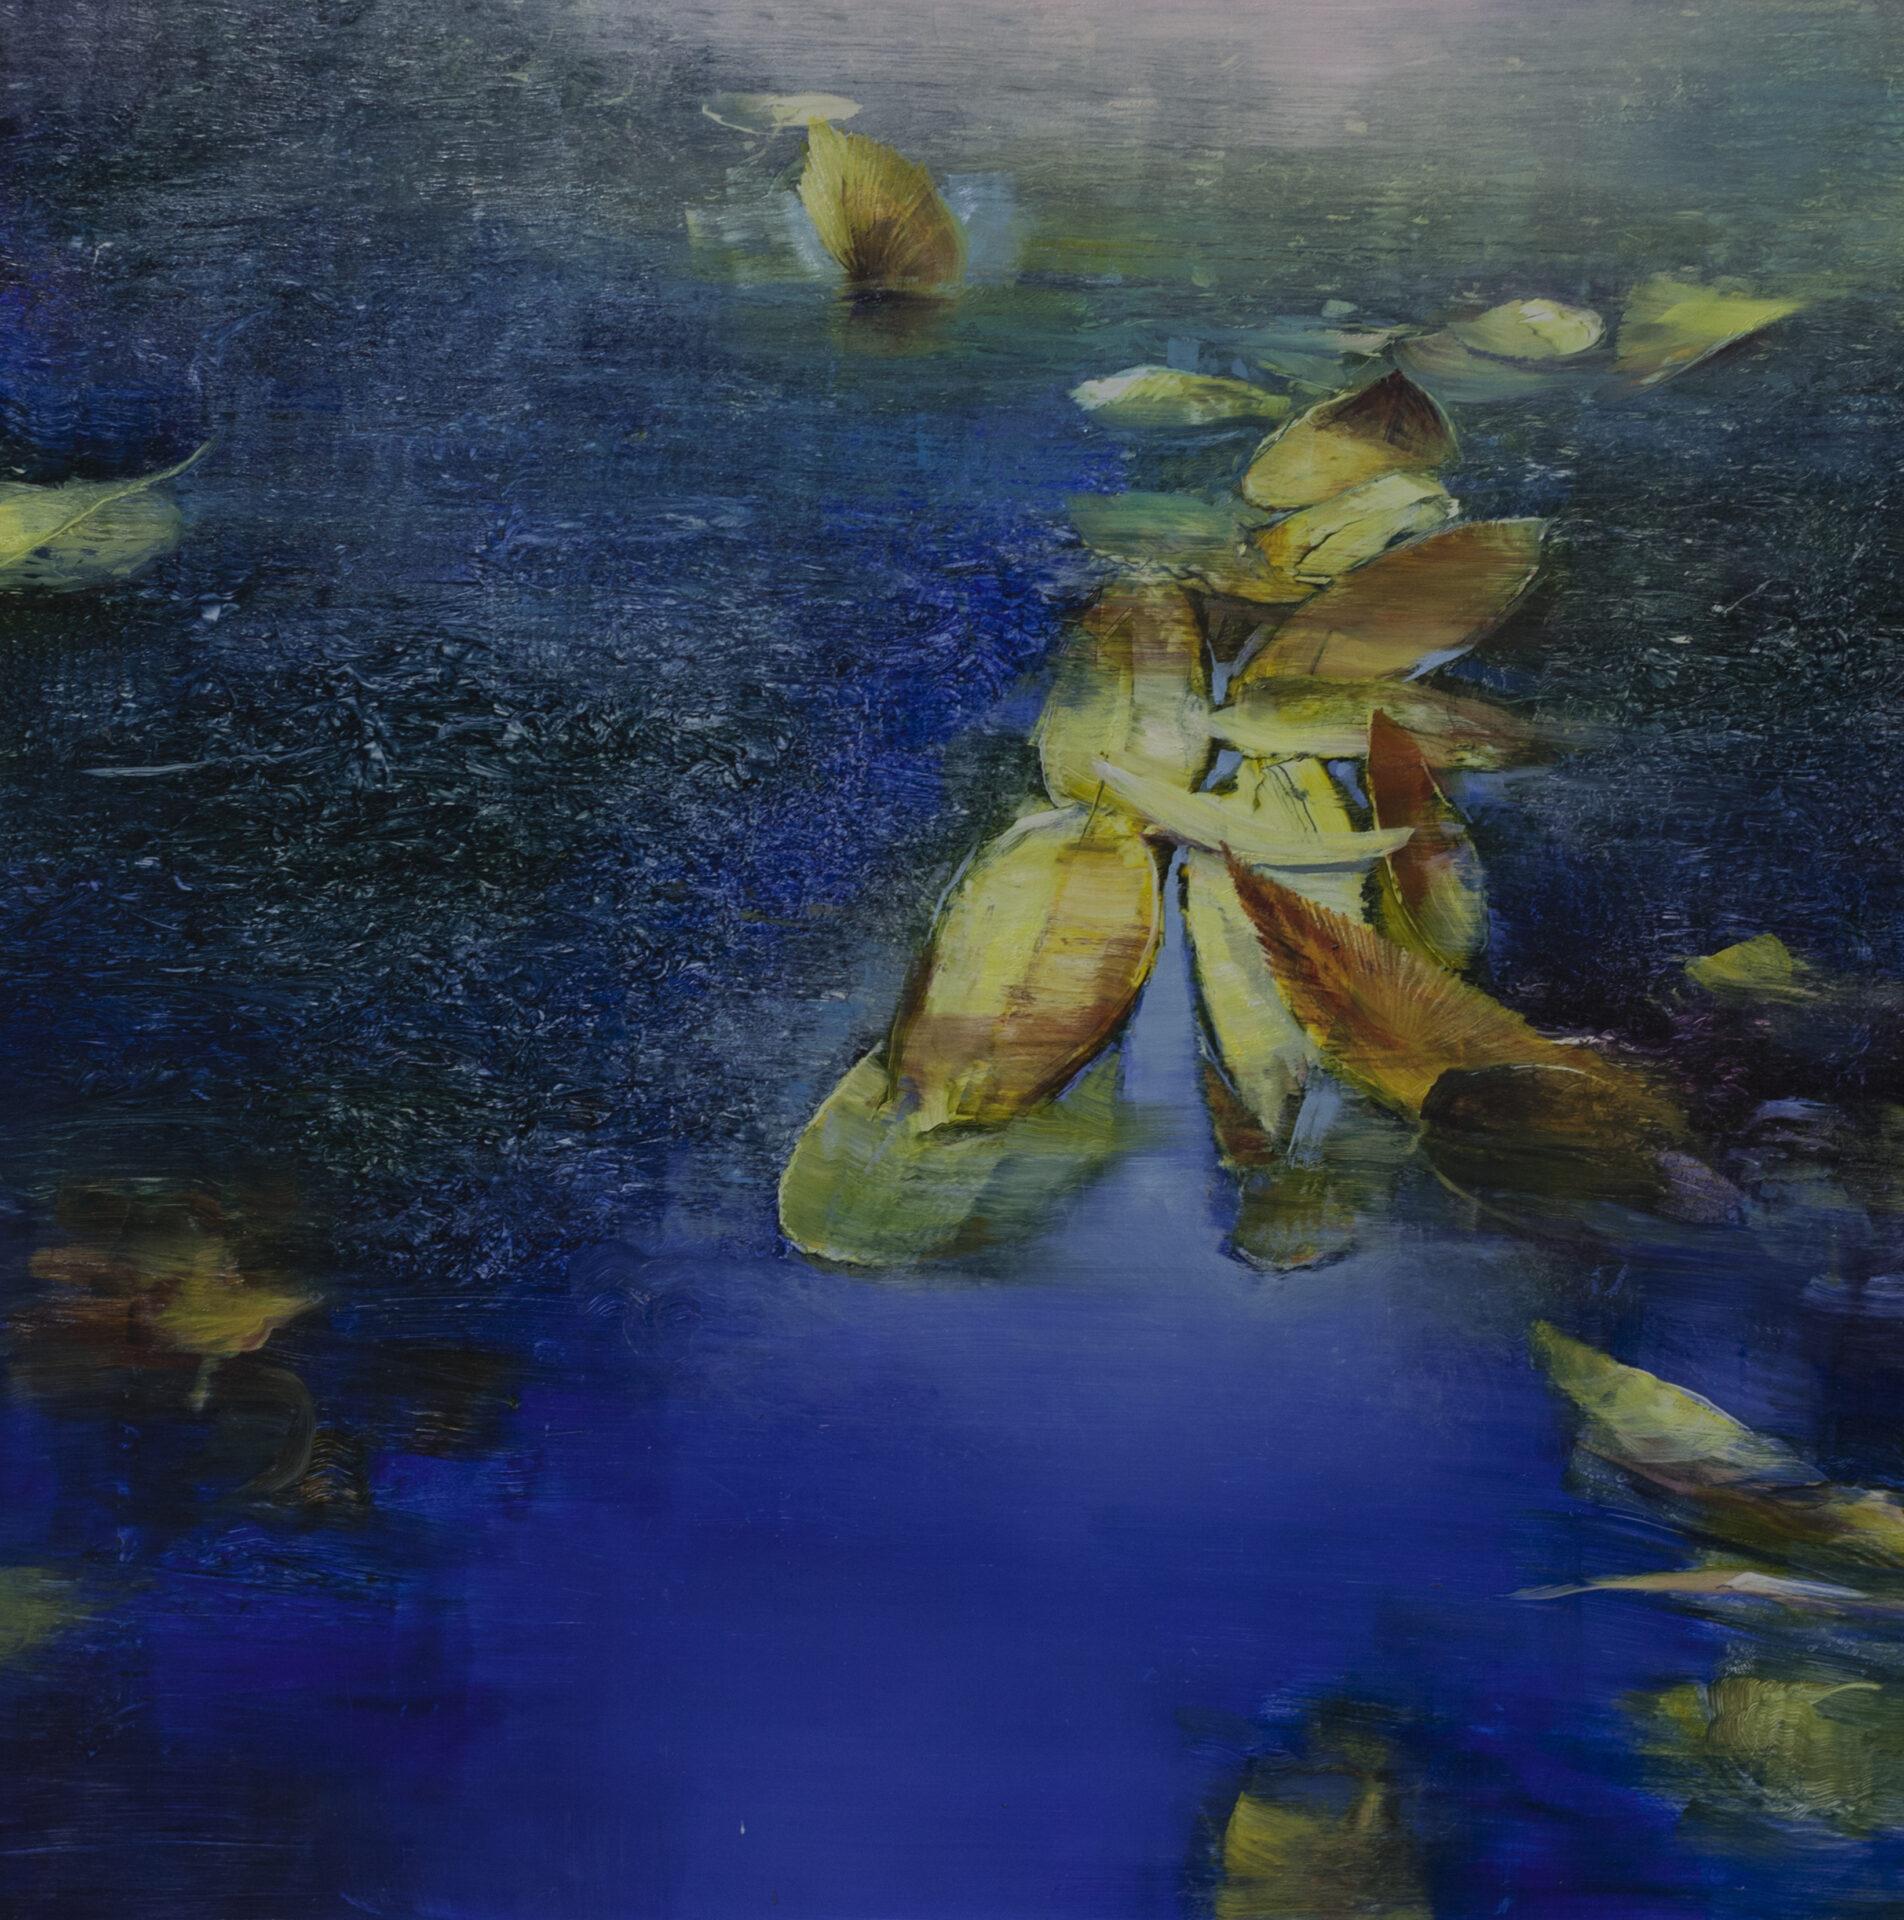 David Dunlop - Misty Waters